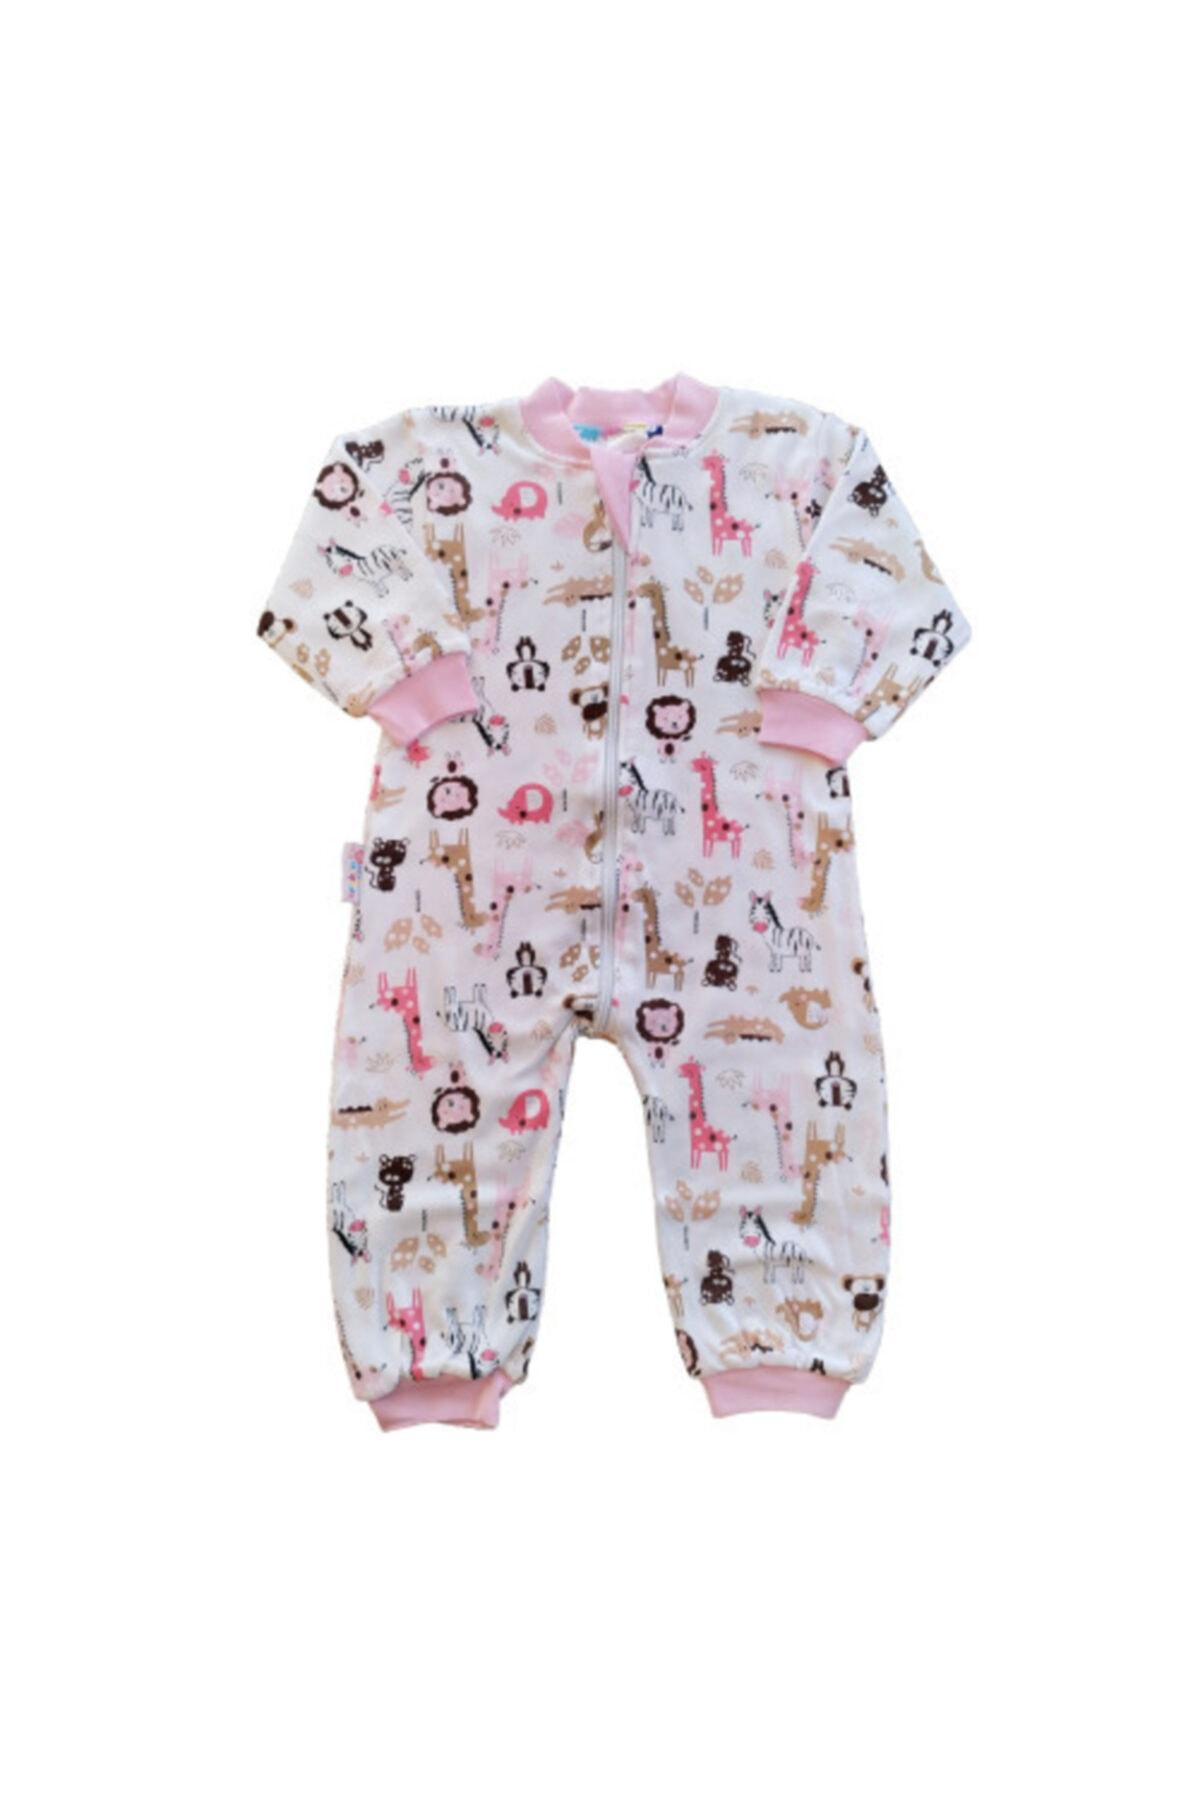 Seçkin Baby Şkr Çift Yön Desenli Ve Kullanımlı %100 Pamuklu Kız Ve Erkek Bebek Çocuk Uyku Tulumu 1